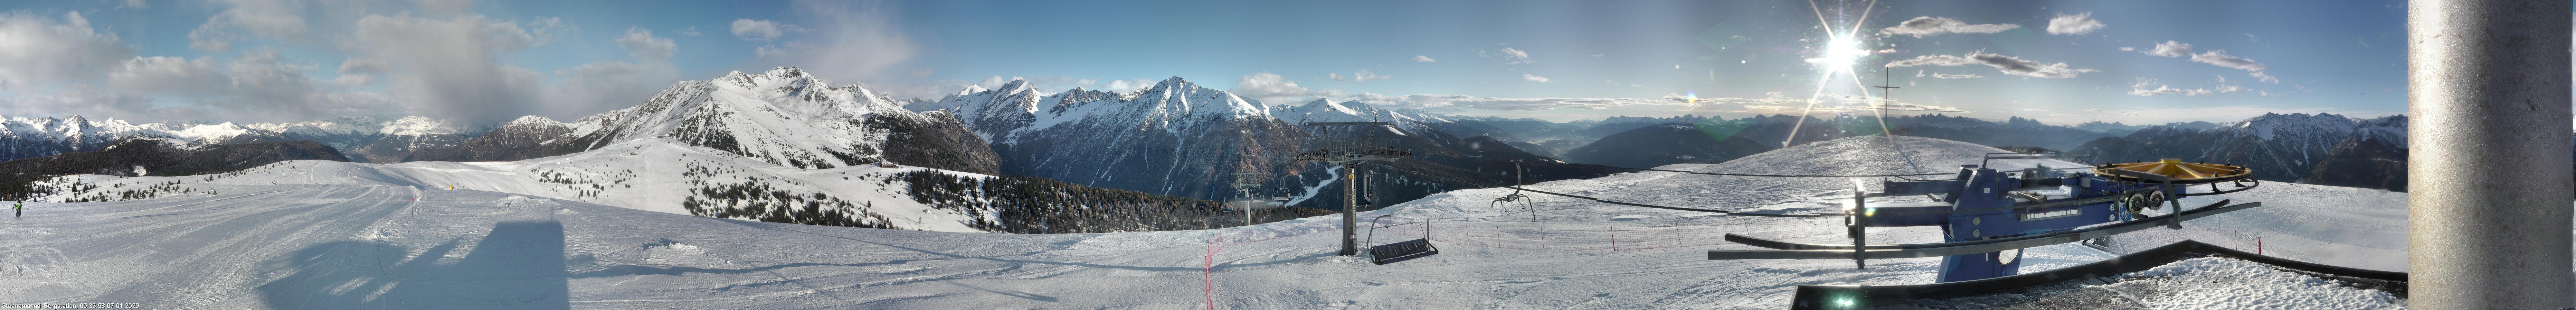 Webcam della stazione a monte del Gitschberg Jochtal